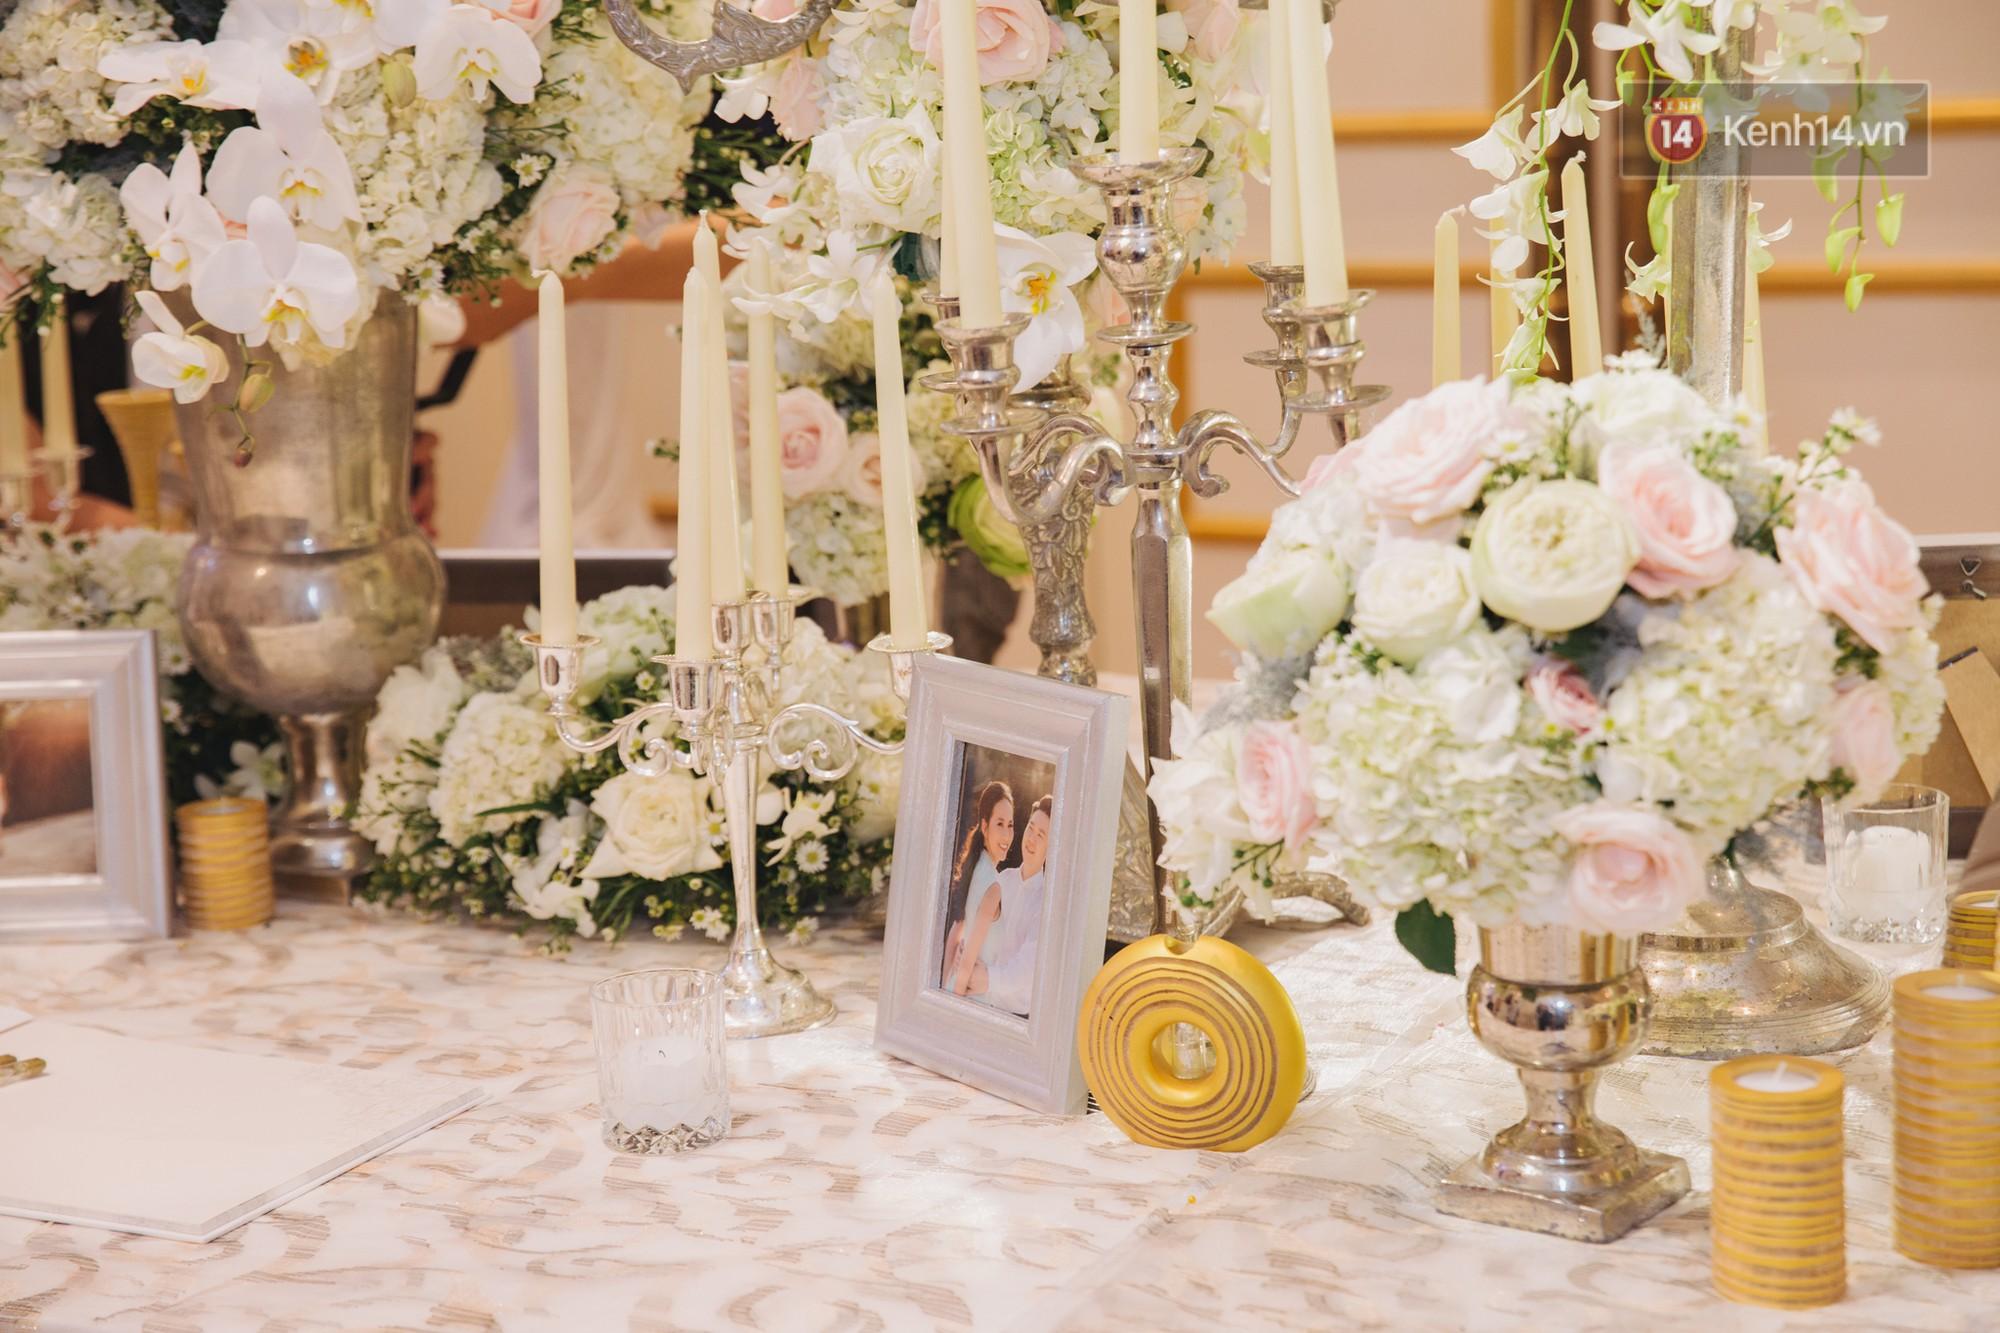 Dù rất hồi hộp, Lê Hiếu vẫn kịp nhắn đến bà xã lời hứa ngọt ngào trong đám cưới-7